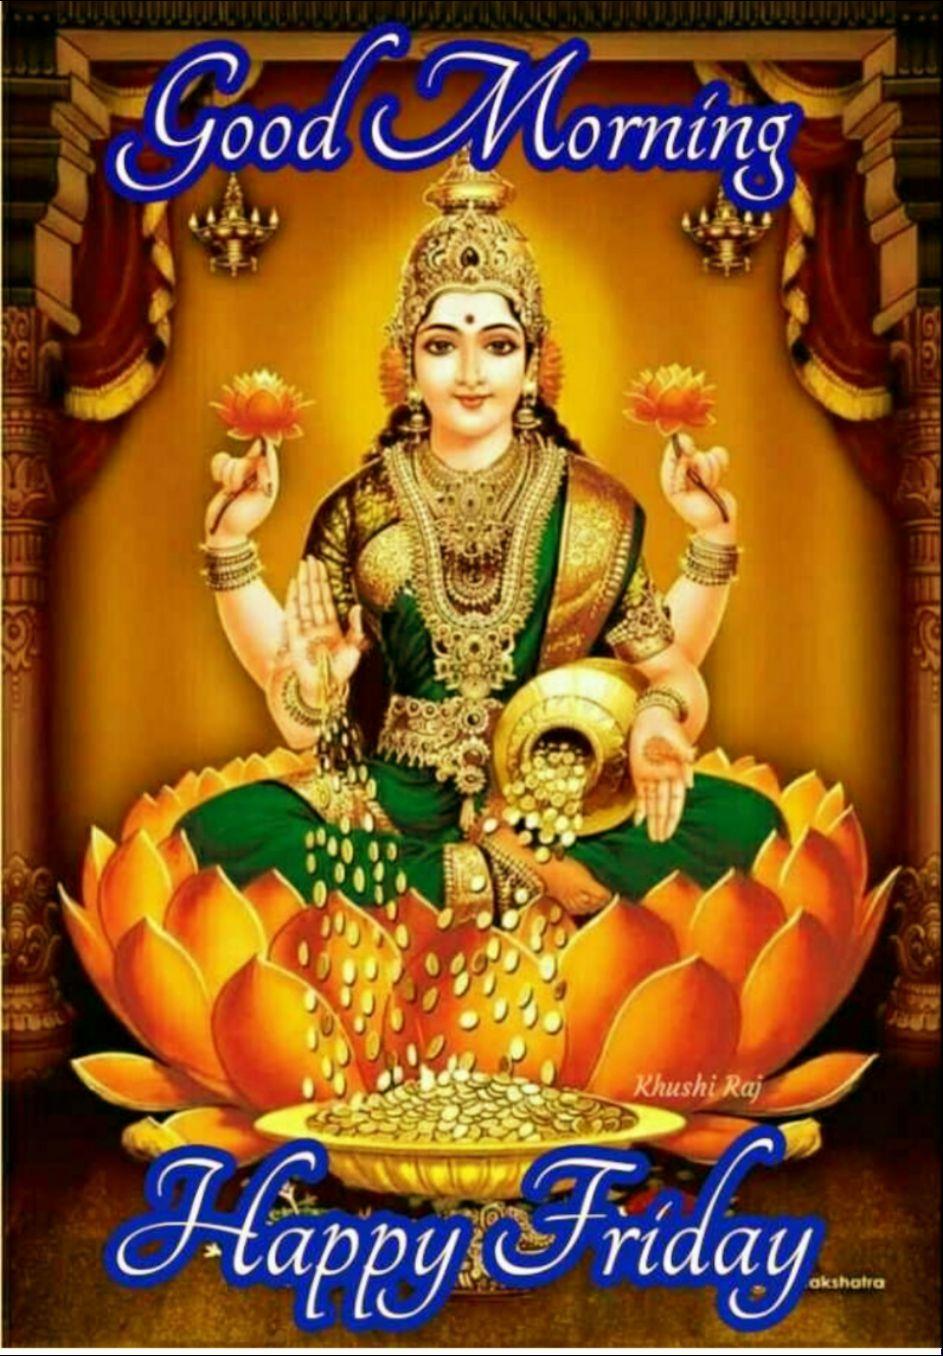 ಶುಭ ಶುಕ್ರವಾರ# - Good Morning Khushi Raj Happy , Friday okshotra - ShareChat